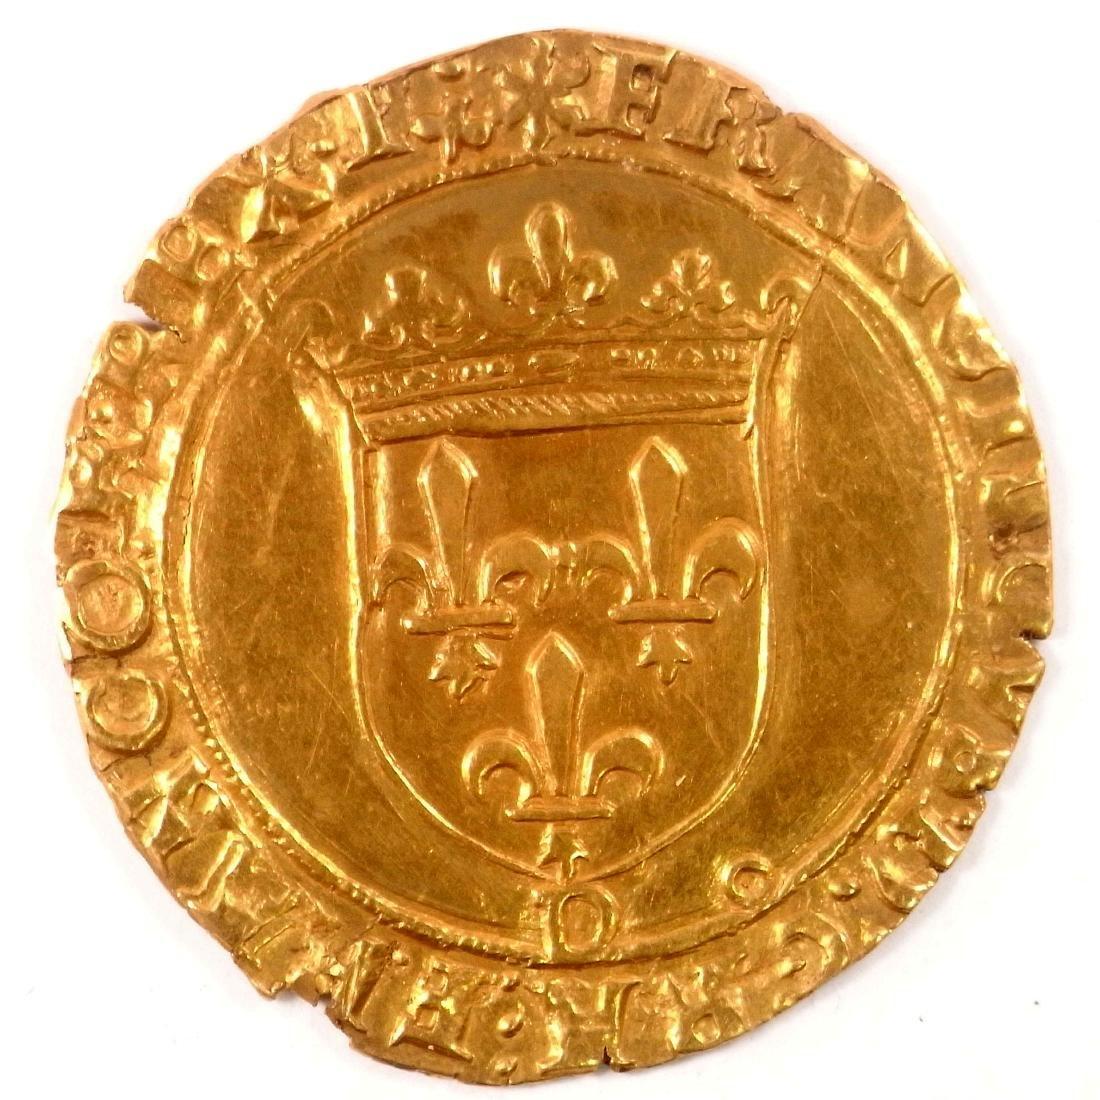 Ecu d'Or a la Croisette France